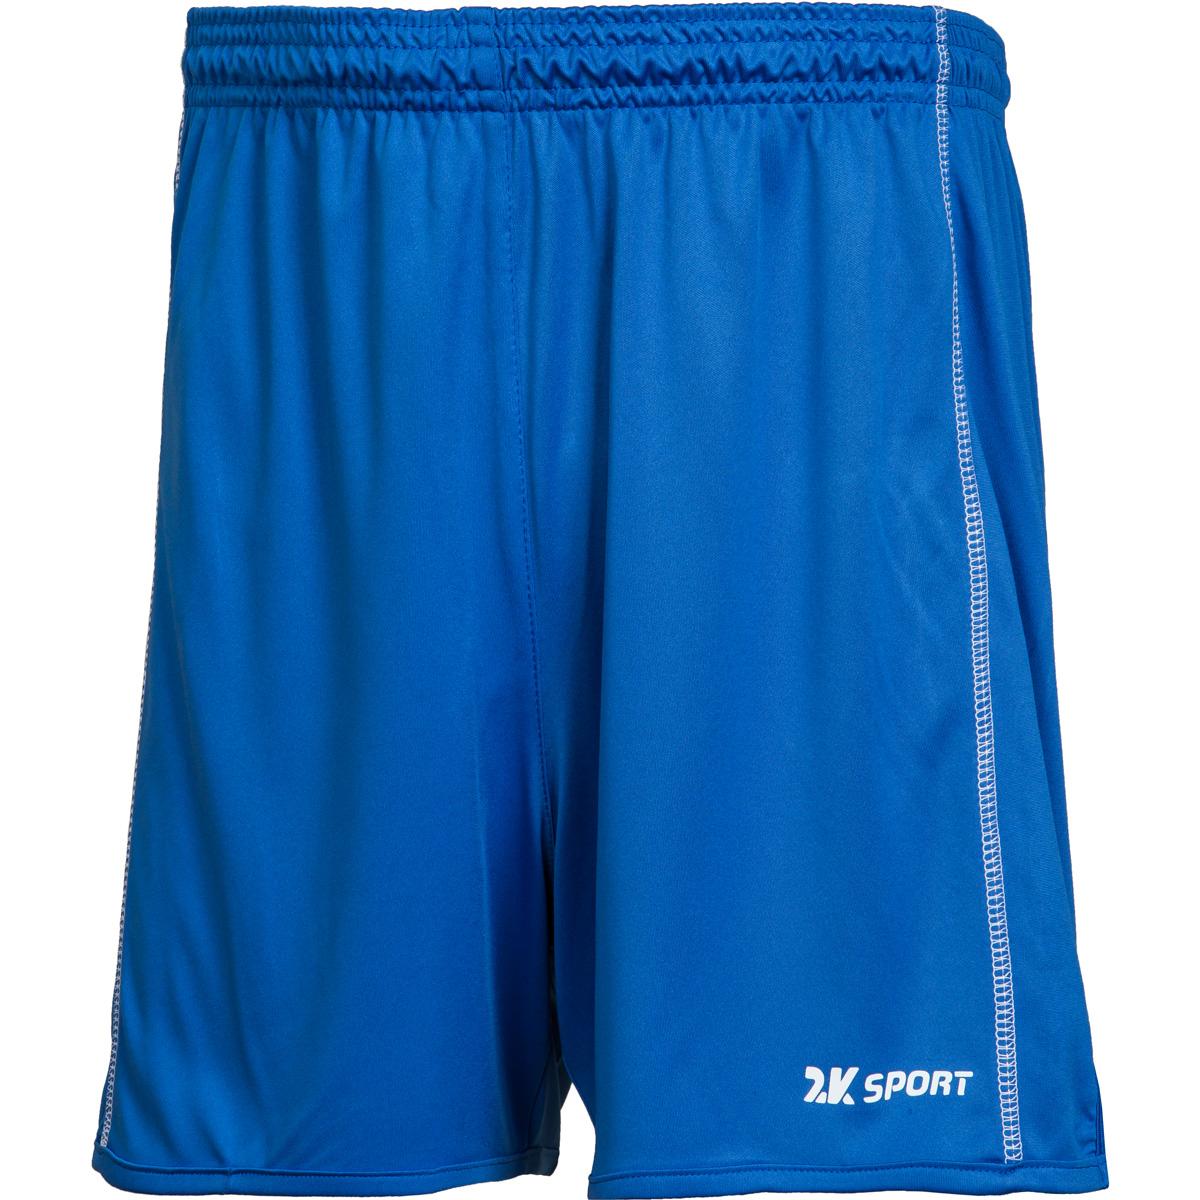 Шорты волейбольные мужские 2K Sport Energy, цвет: синий. 140041. Размер M (48)140041_royalВолейбольные шорты с контрастными полосами по бокам. Изготовлены из ткани повышенной прочности, дополнены эластичным поясом со шнурками.